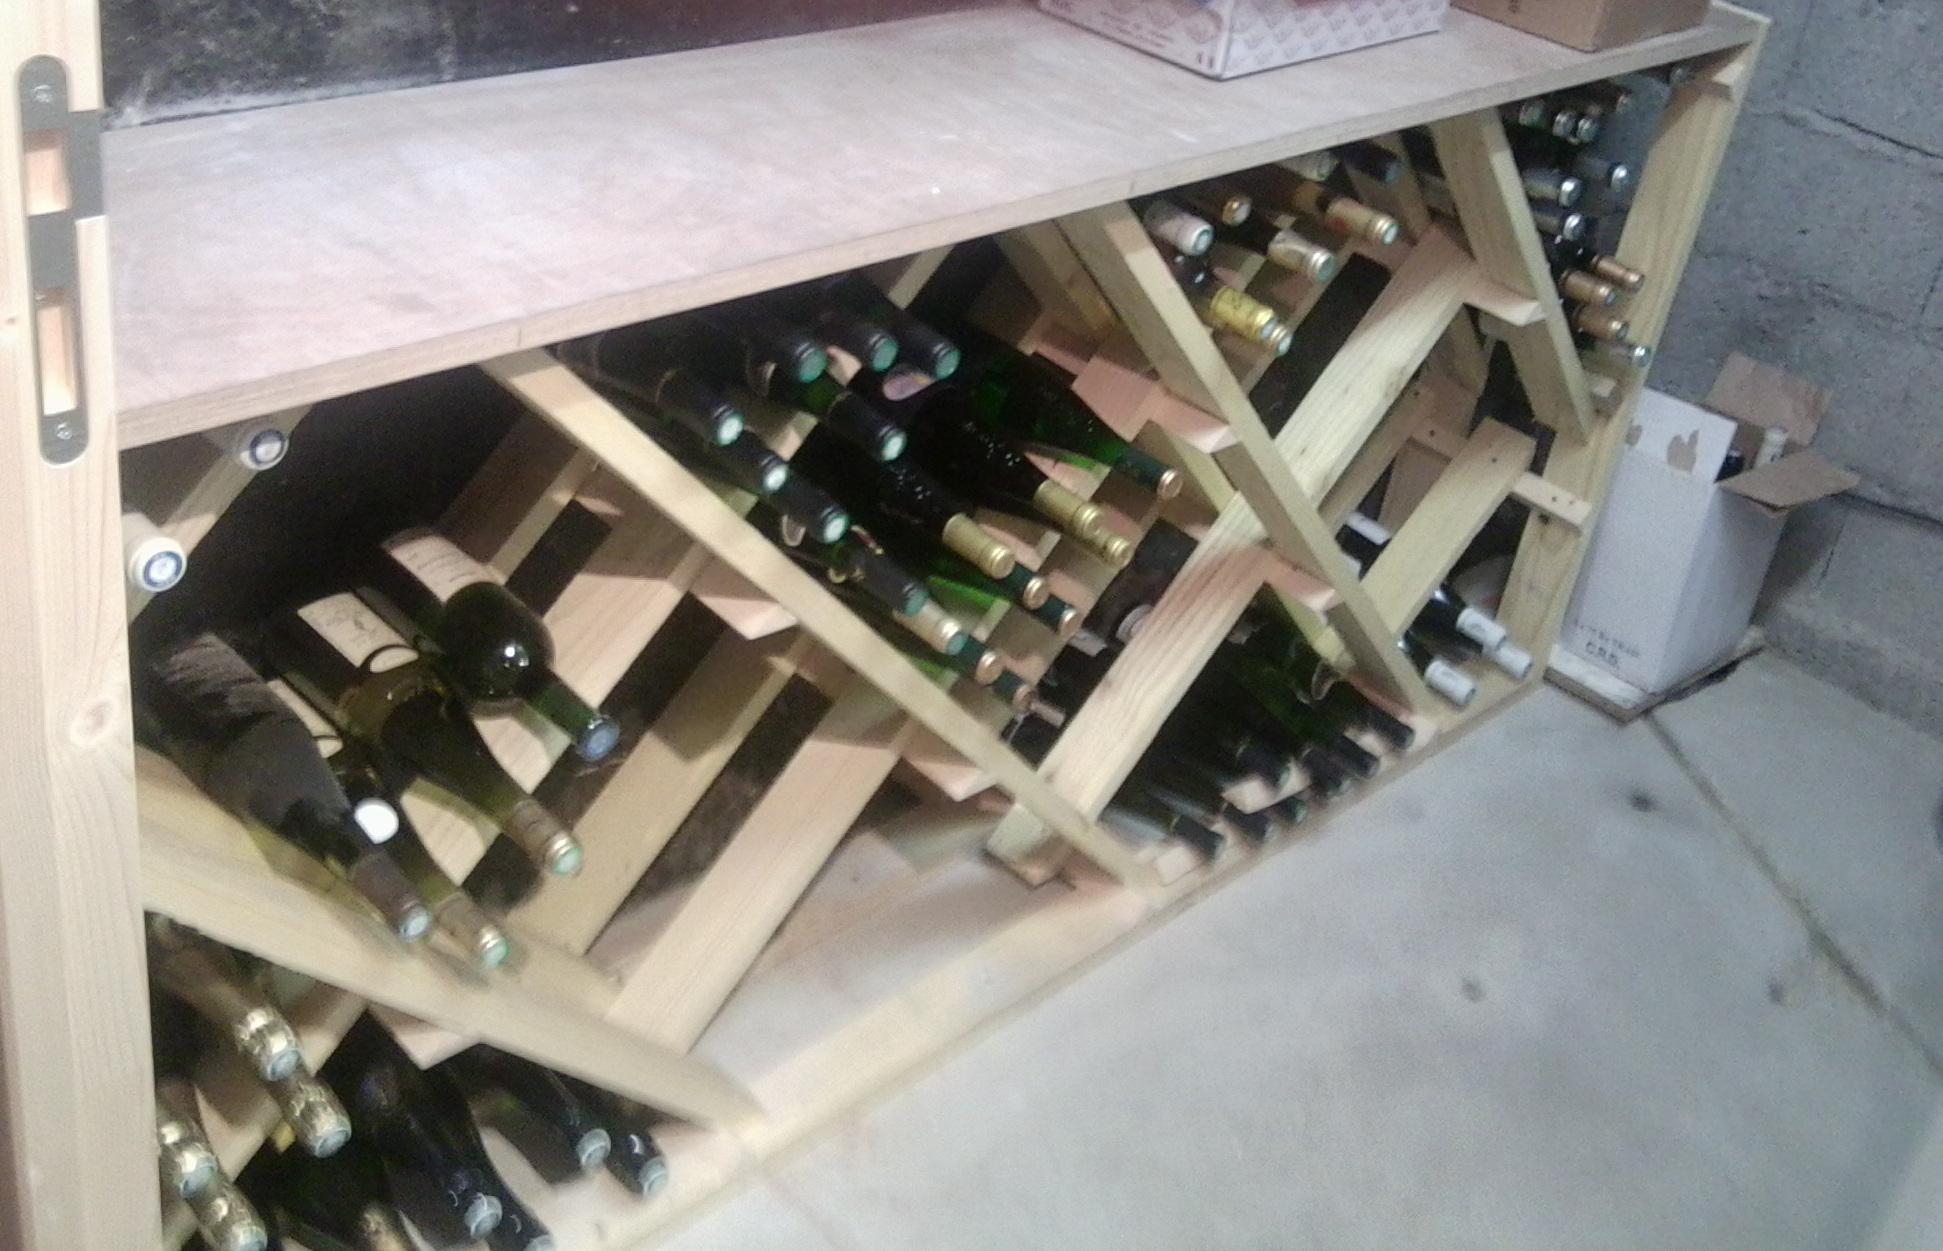 Très Plan de fabrication d'un casier à bouteilles | Forum Décoration  HI05